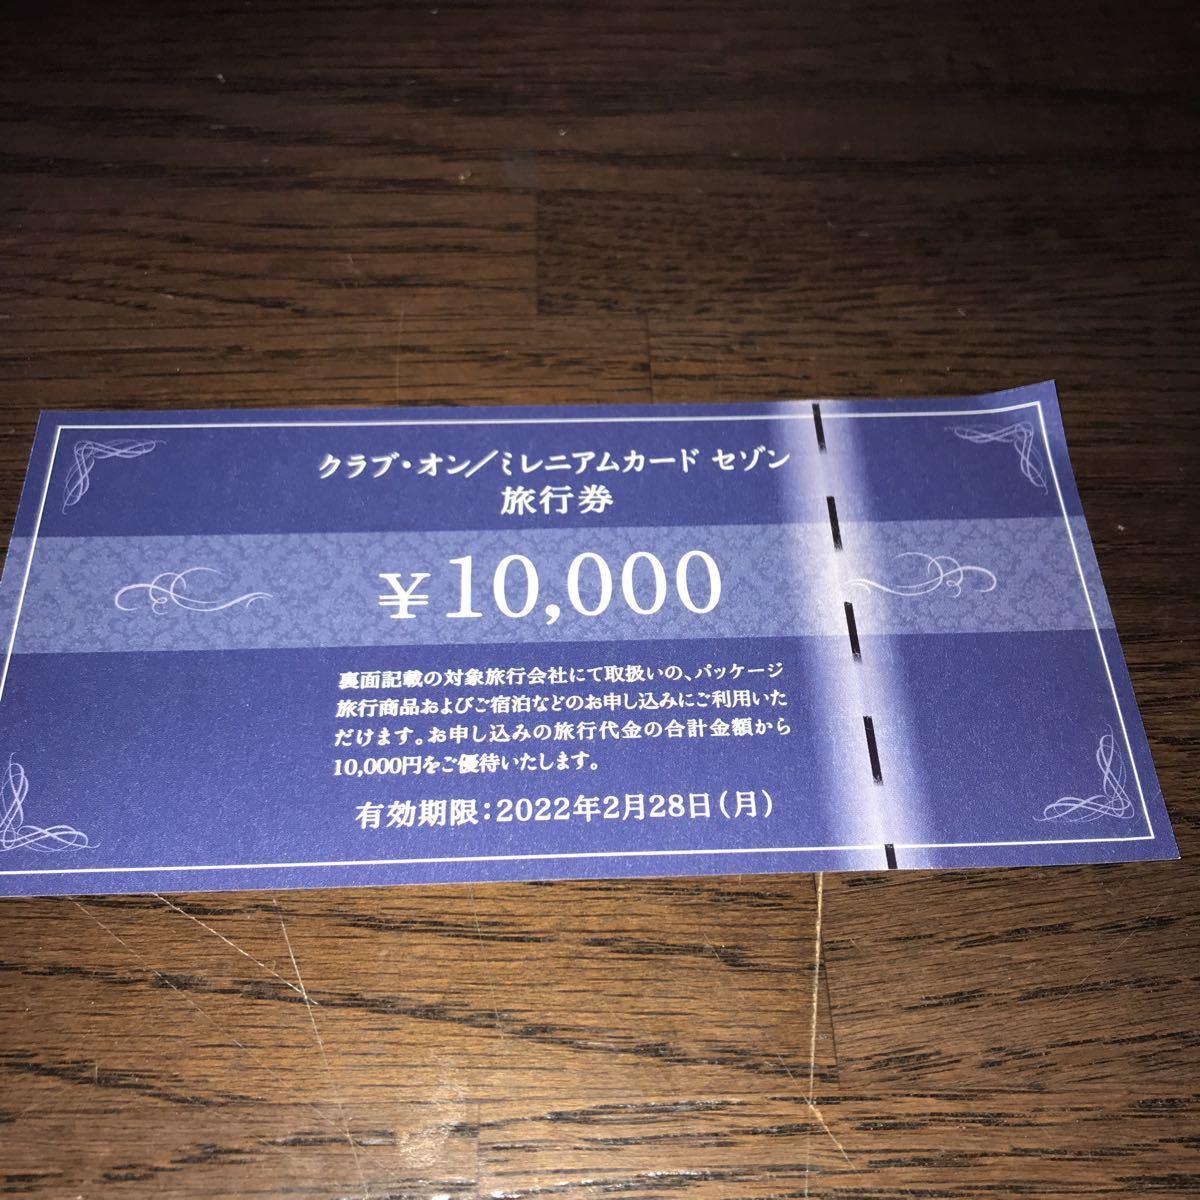 値下げ 海外、国内パッケージ、宿泊 10000円分旅行券 有効期限2022.2.28_画像1